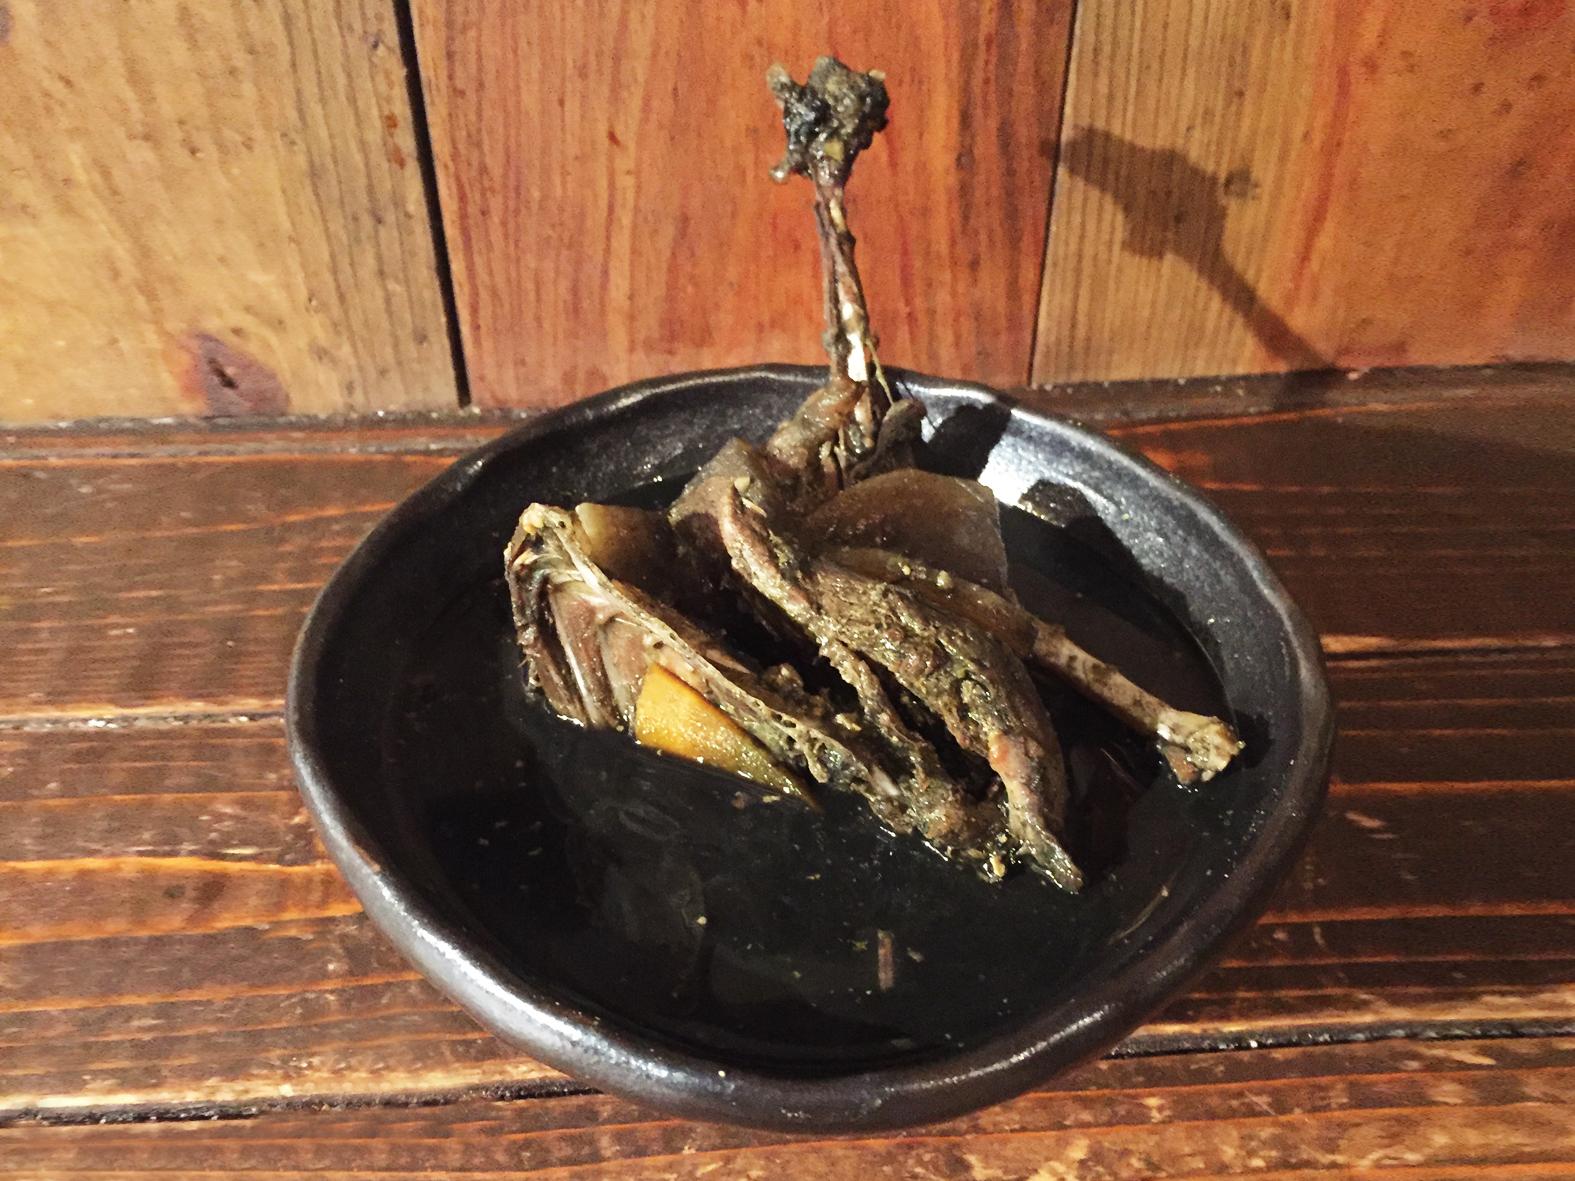 これを食せば、あなたもヴィン様に!?昆虫&闇の食事であなたを魔女の世界へご案内 93eb7f1d8f22de2e84198748a23d3ea2